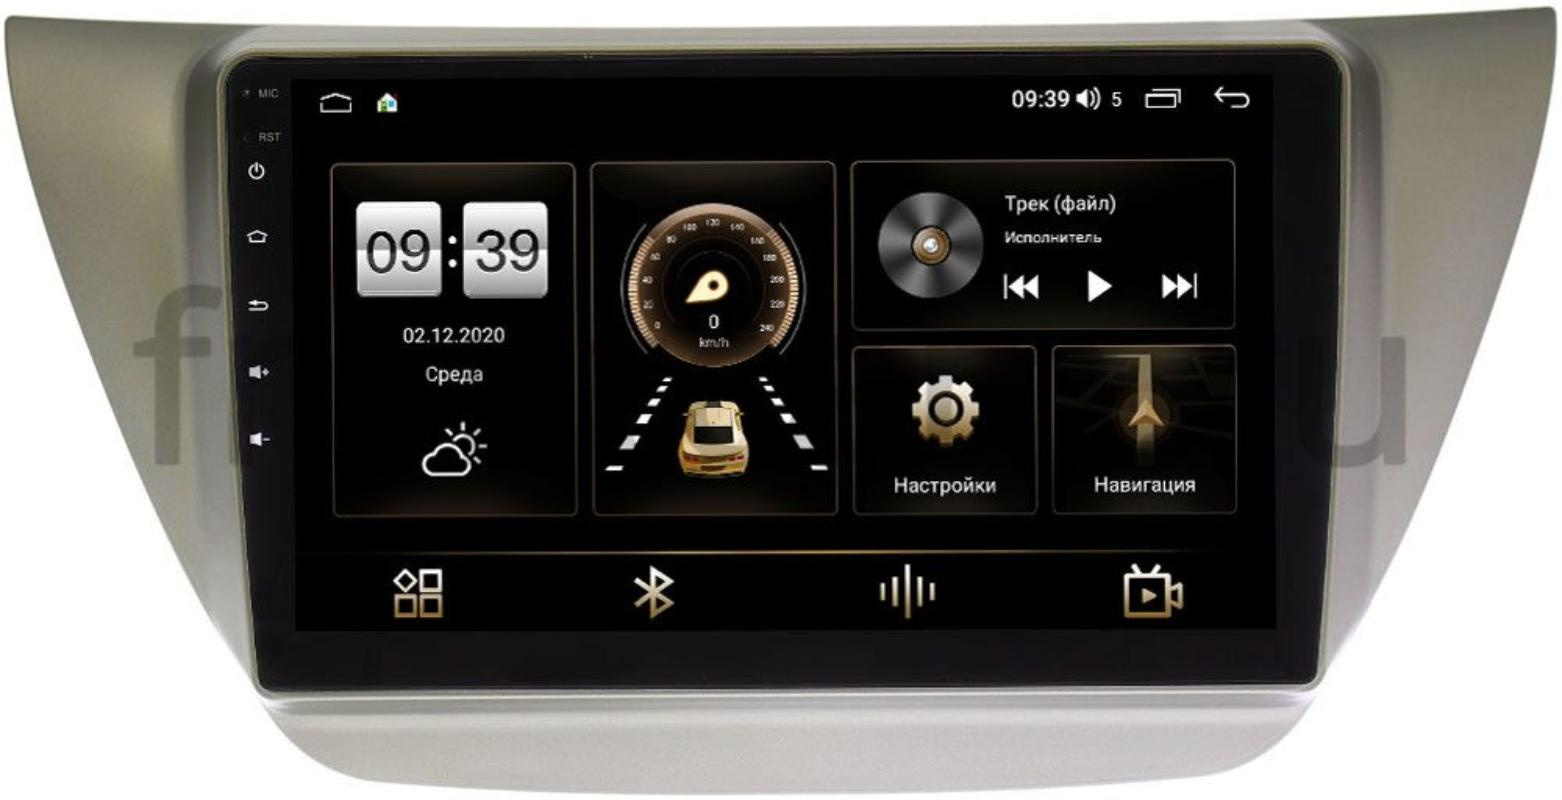 Штатная магнитола LeTrun 4166-9230 для Mitsubishi Lancer IX 2000-2010 (серая) на Android 10 (4G-SIM, 3/32, DSP, QLed) (+ Камера заднего вида в подарок!)